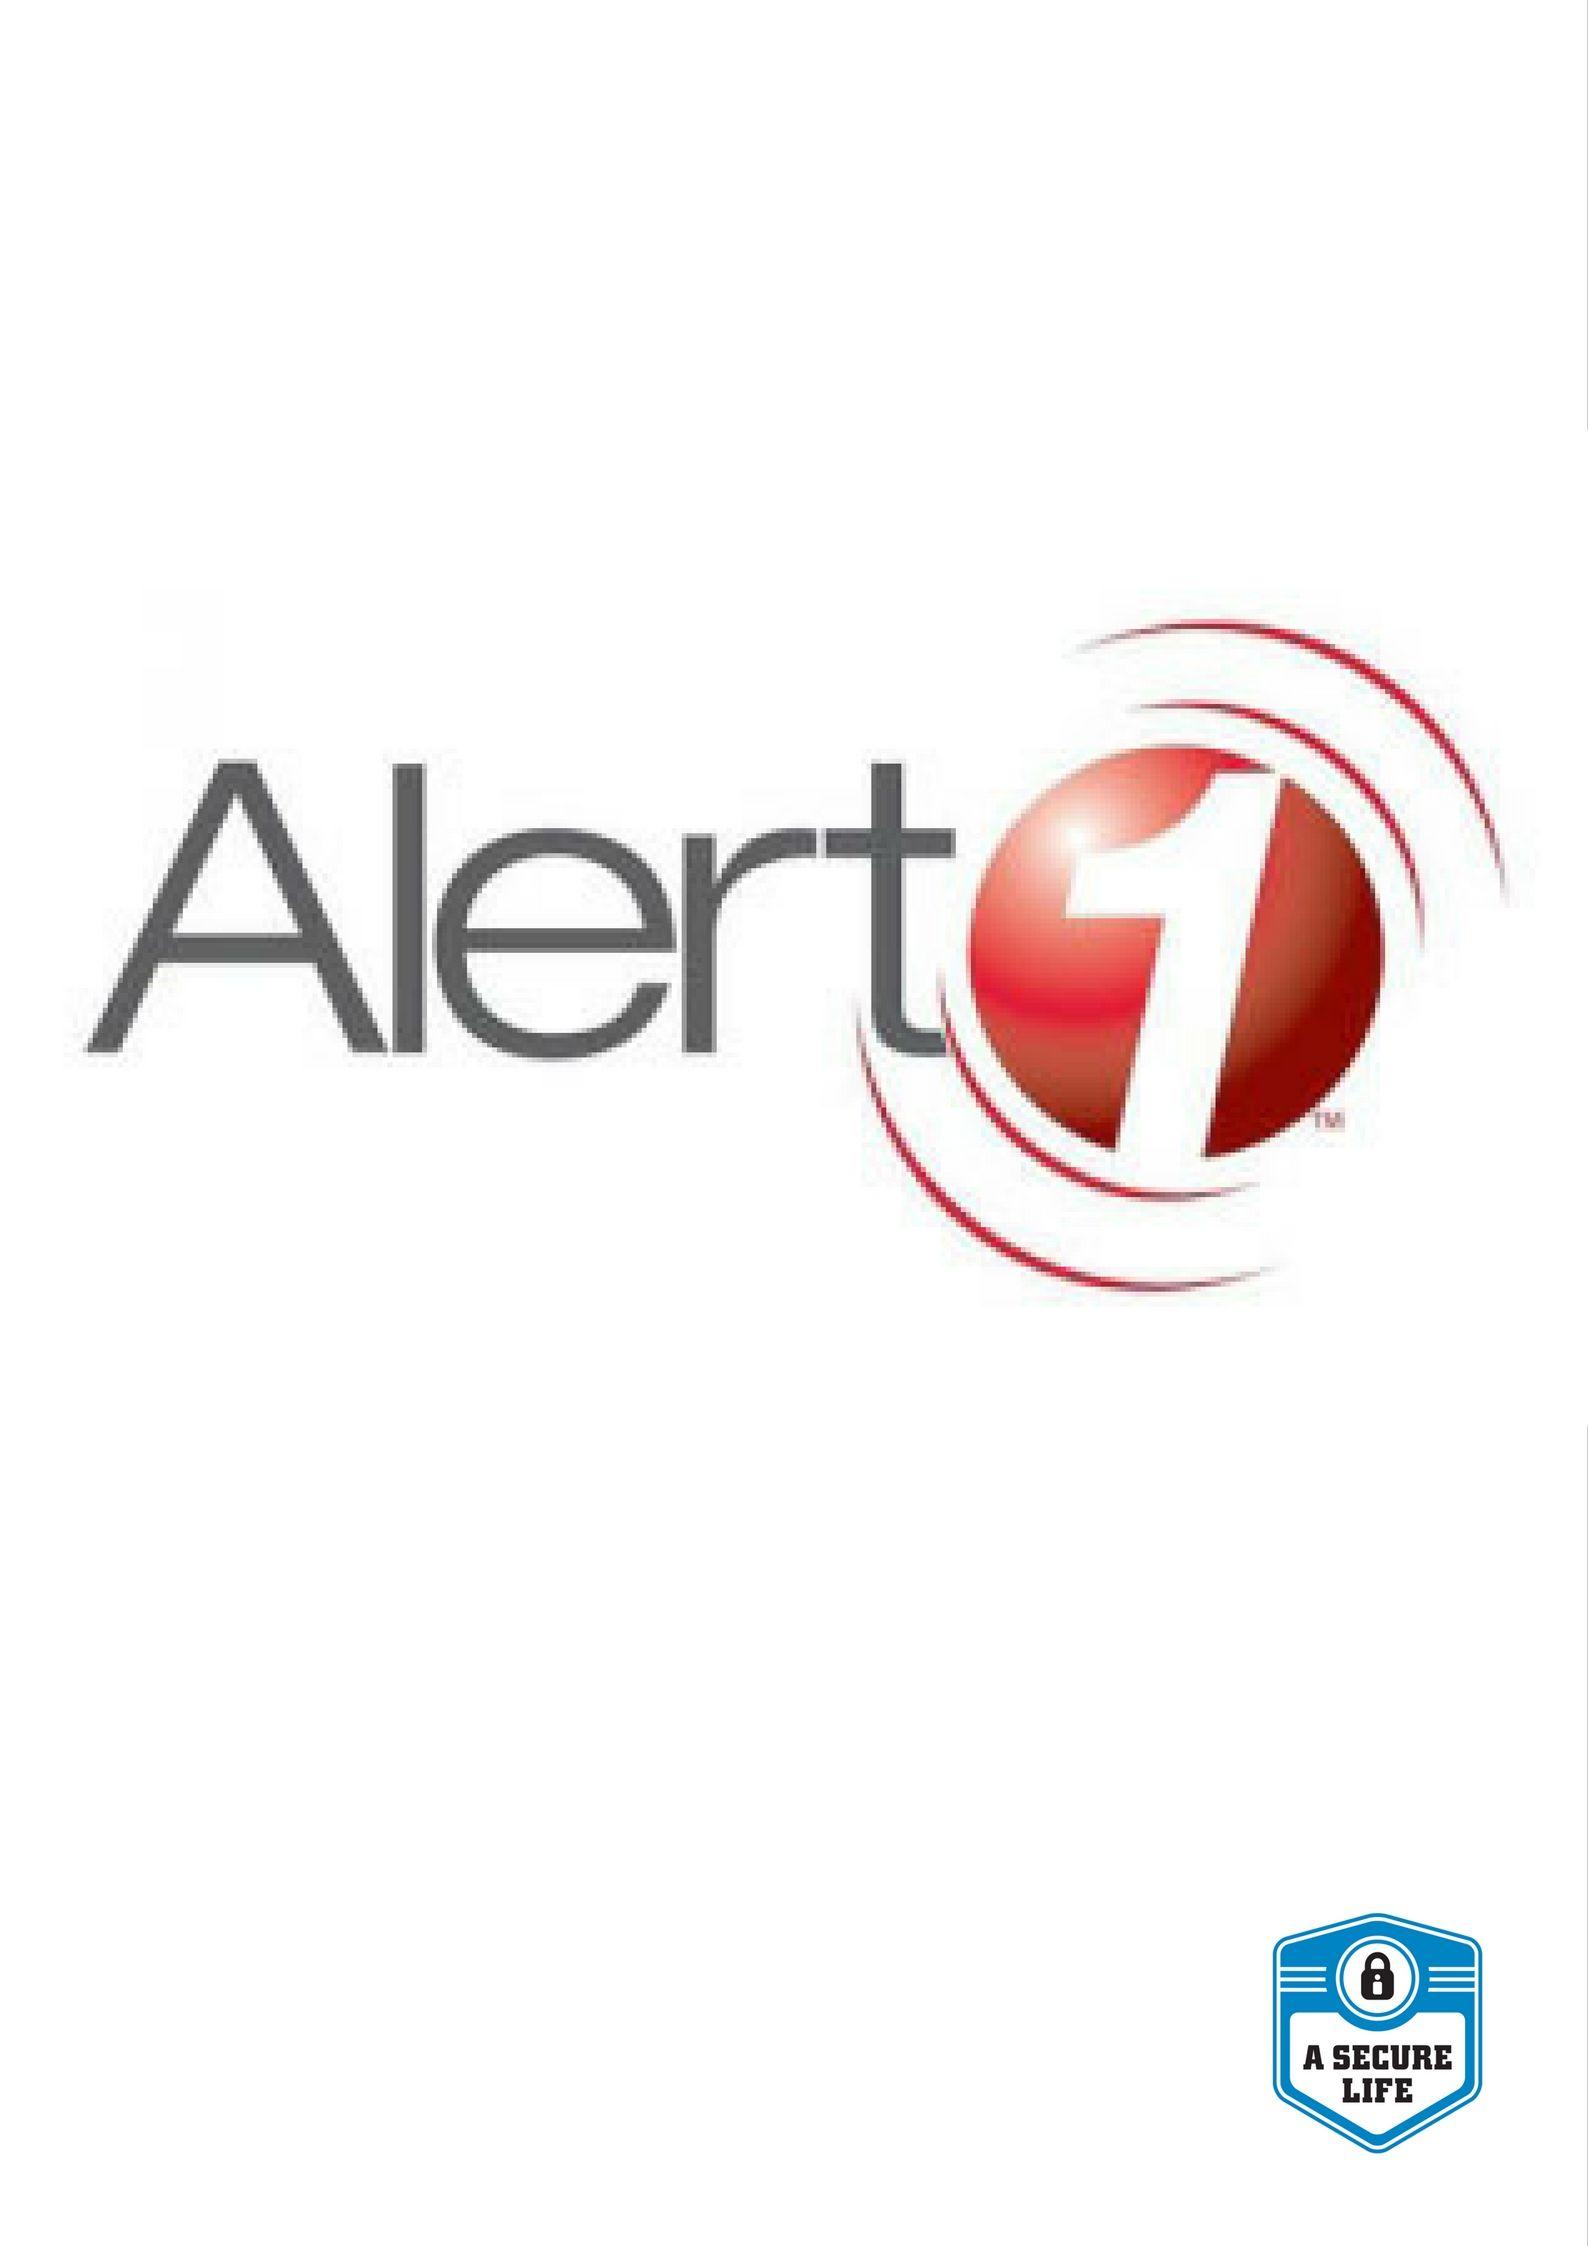 Alert1 medical alert system review